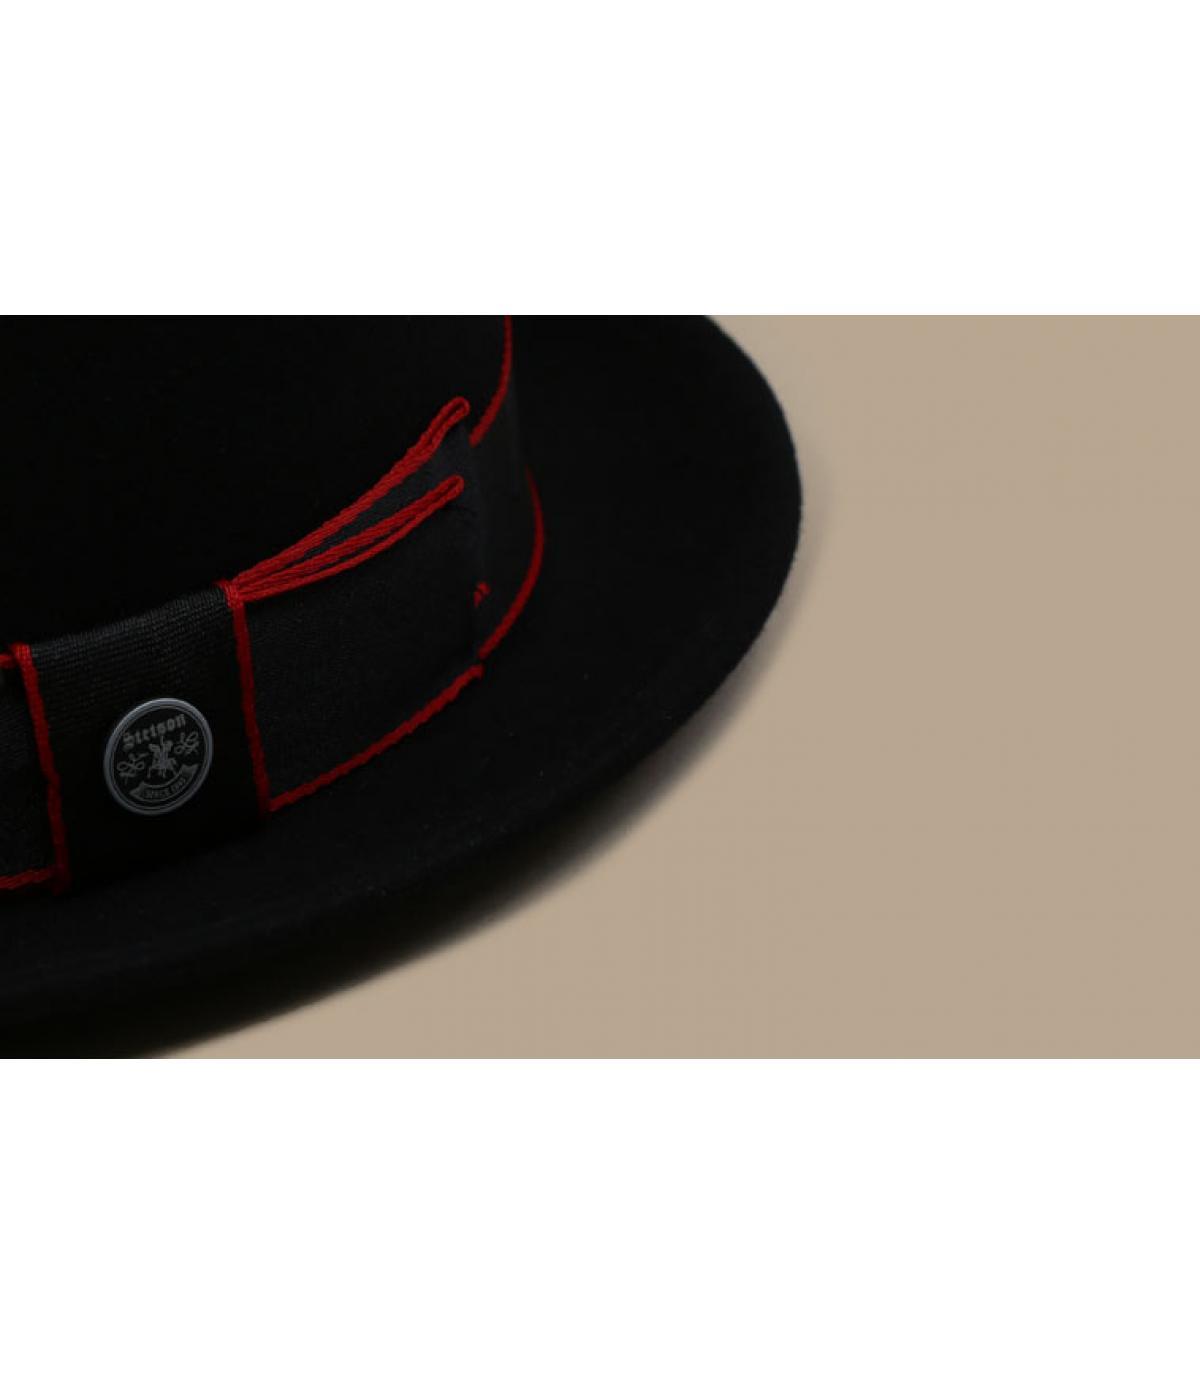 Detalles Pork Pie Woolfelt Cashmere black imagen 4